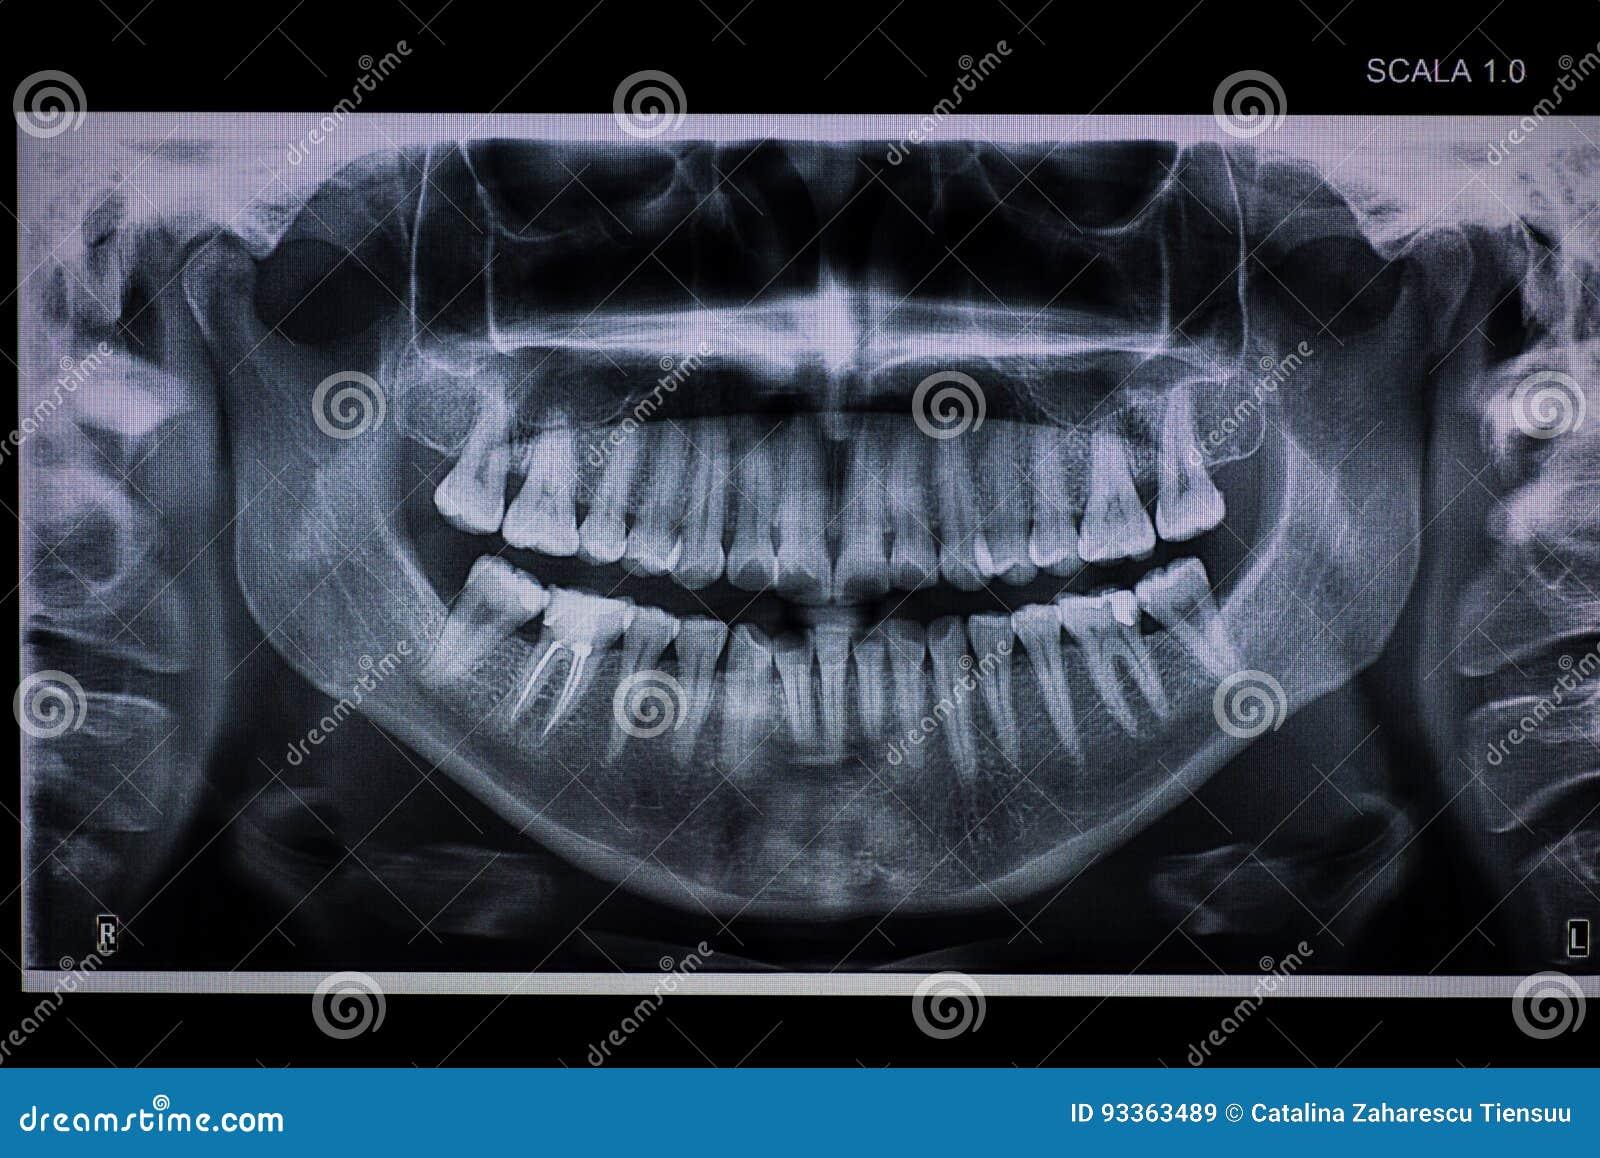 Raio X dental panorâmico com um canal de raiz